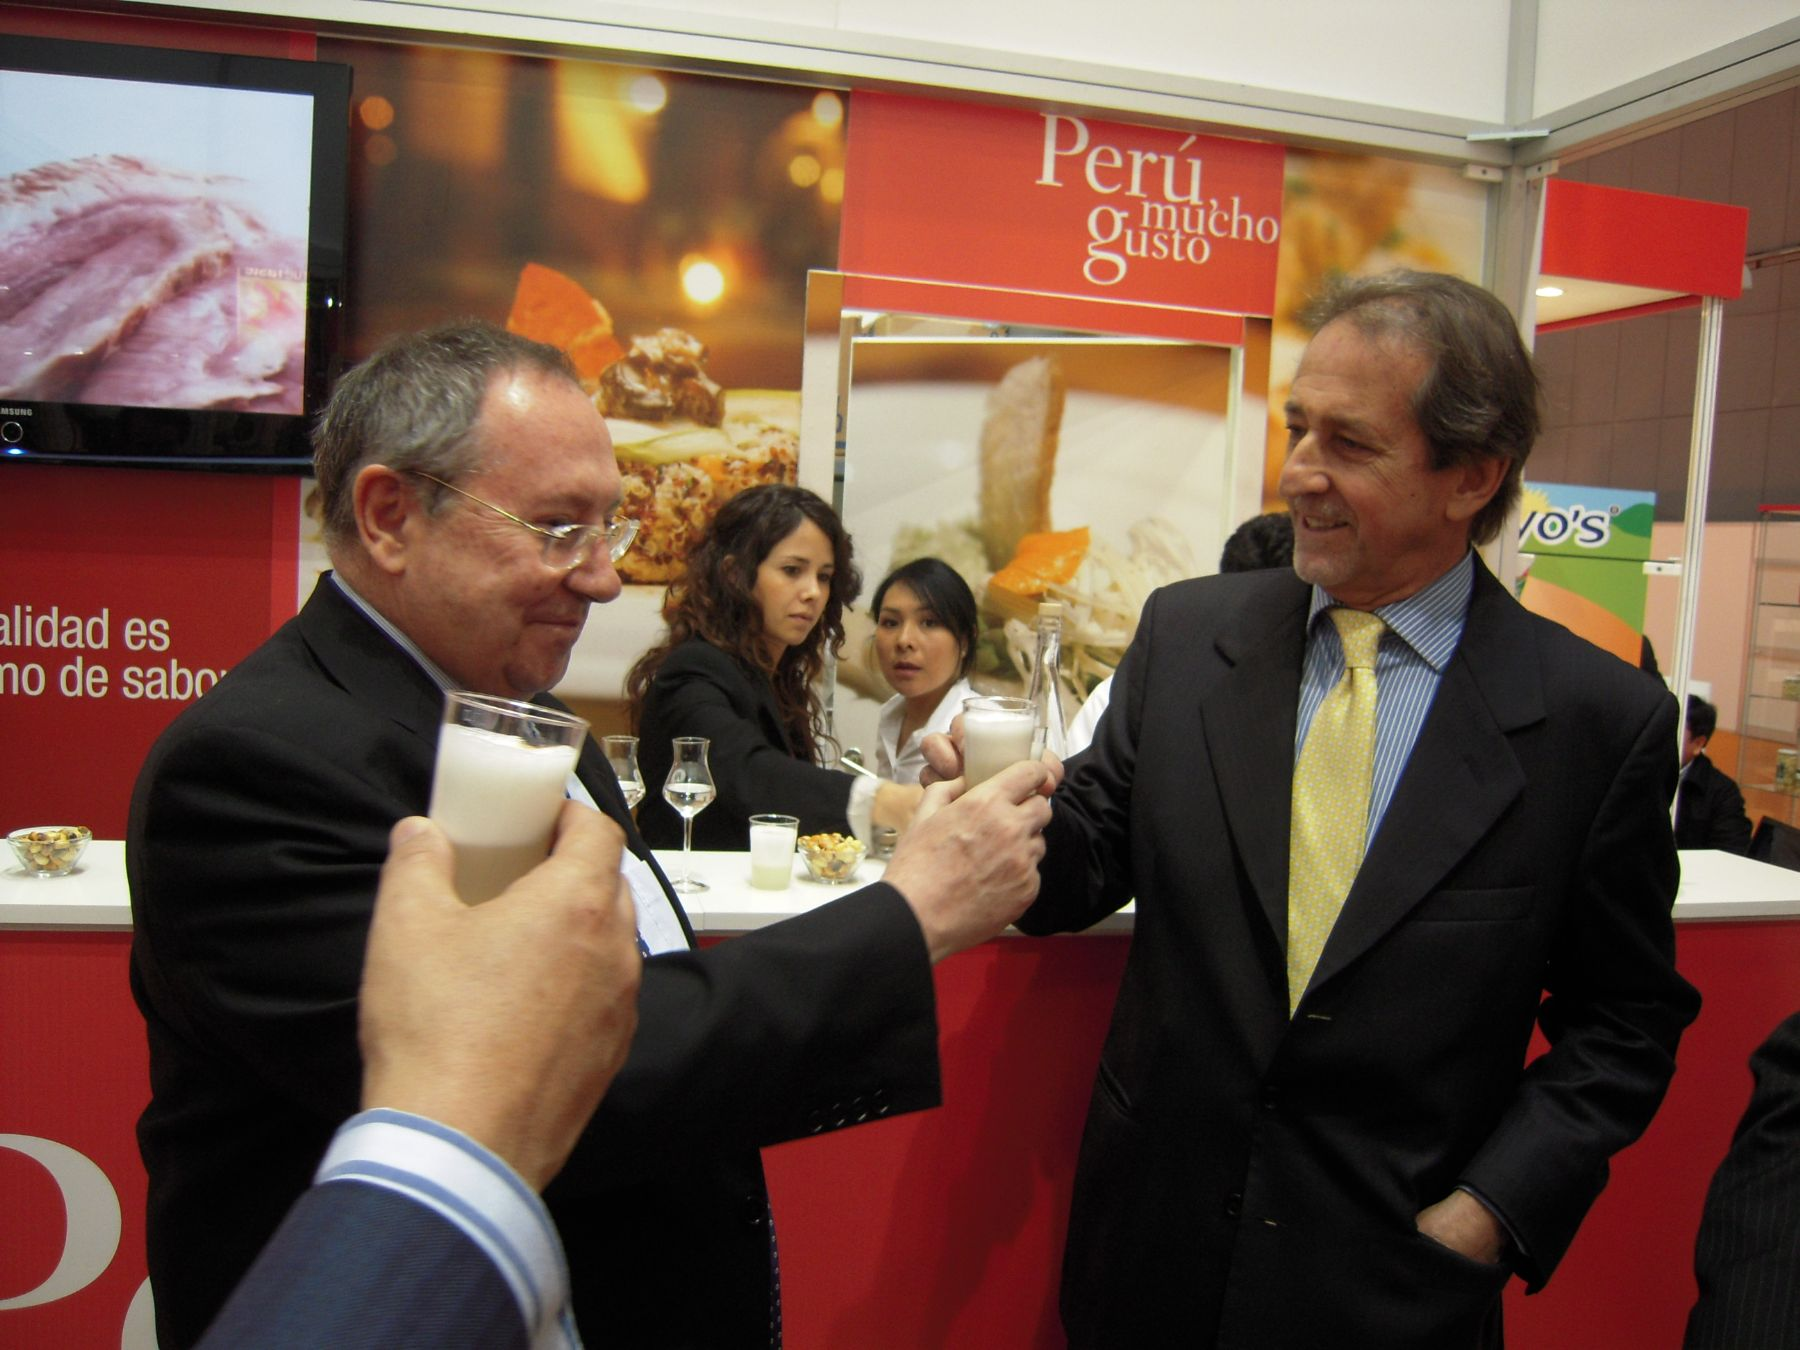 Embajador de Perú en España, Jaime Cáceres Sayán en Feria Alimentaria en Barcelona. Foto: Cortesía.